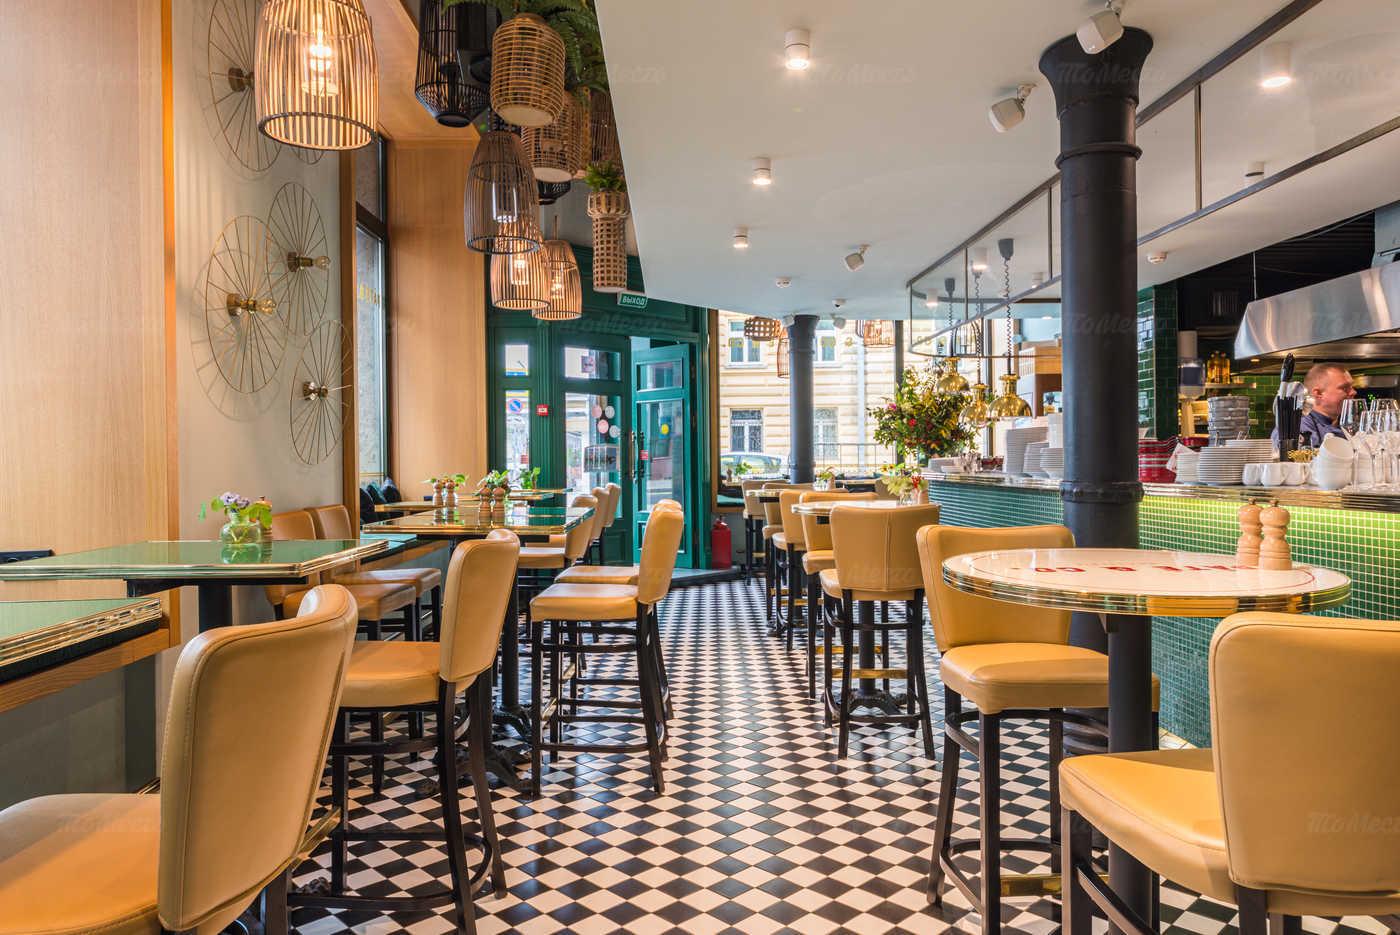 Ресторан Pate & Co на улице Балчуг фото 17